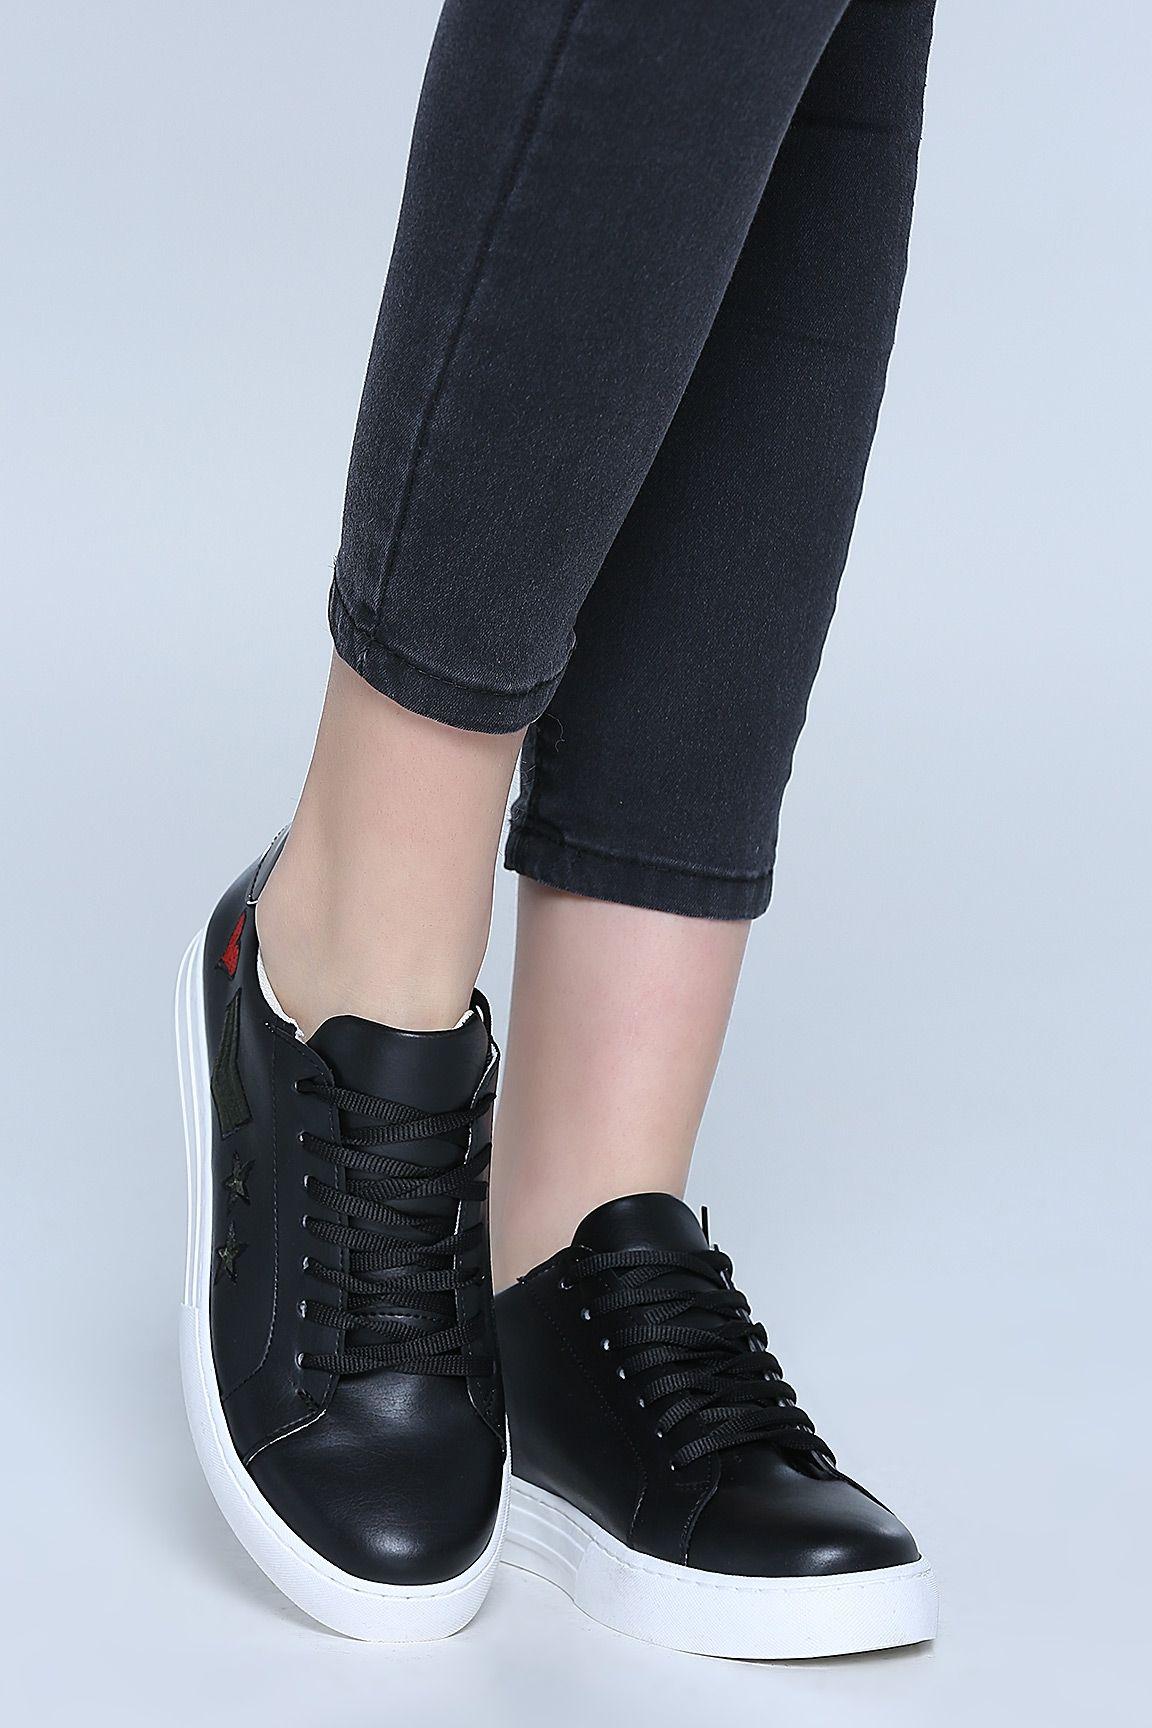 Siyah Bagcikli Bayan Ayakkabi Dress Shoes Men Shoes Dress Shoes